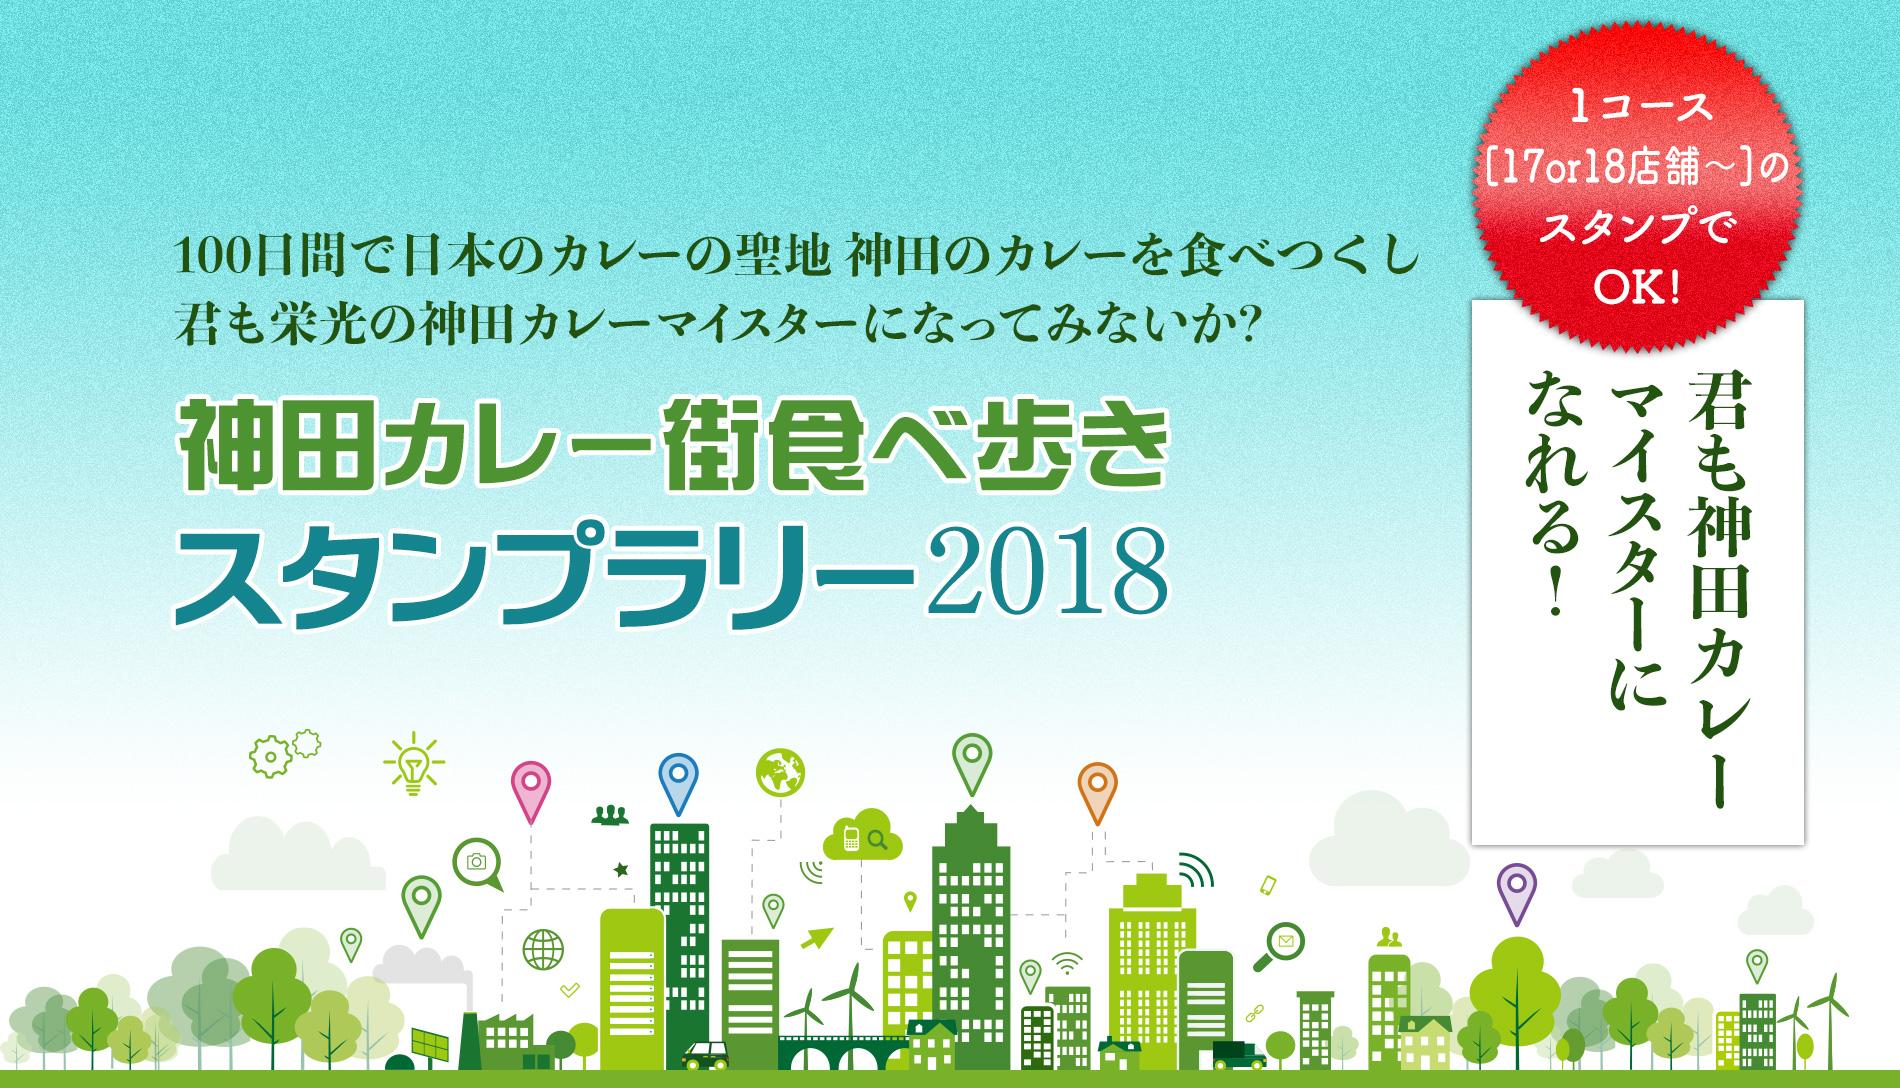 神田カレー街食べ歩きスタンプラリー2018